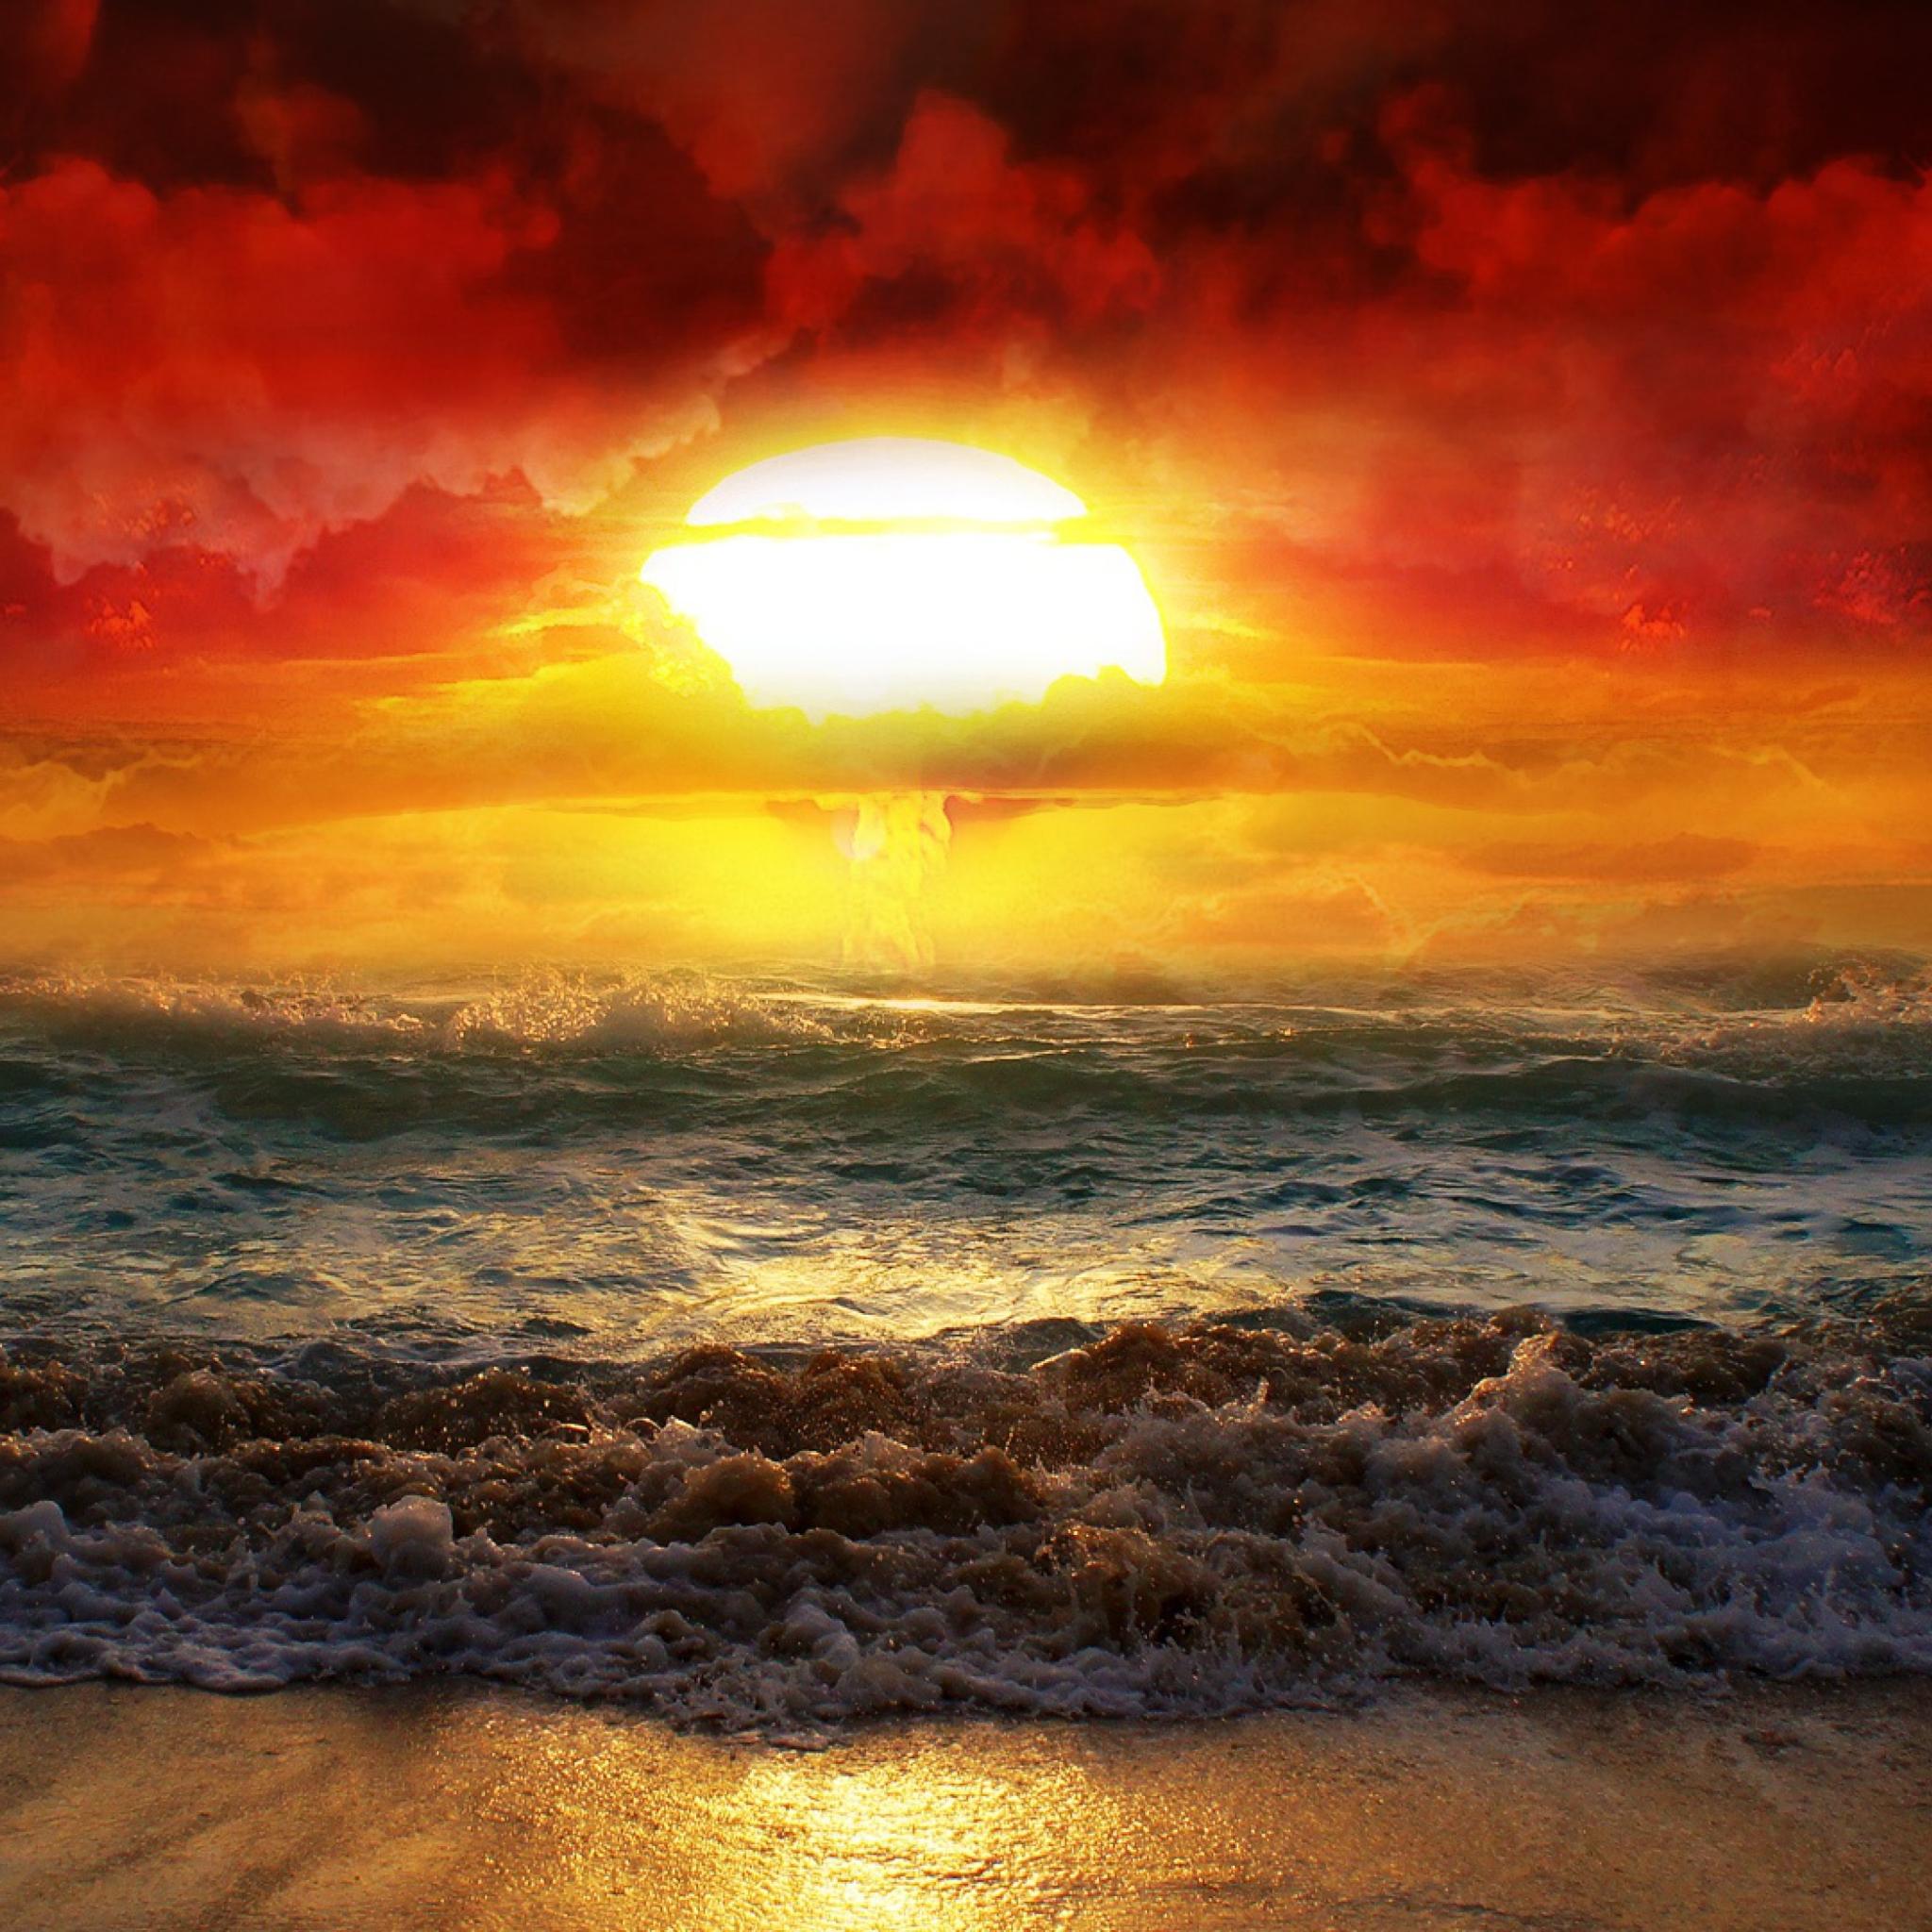 закат над бушующим морем  № 602746 бесплатно